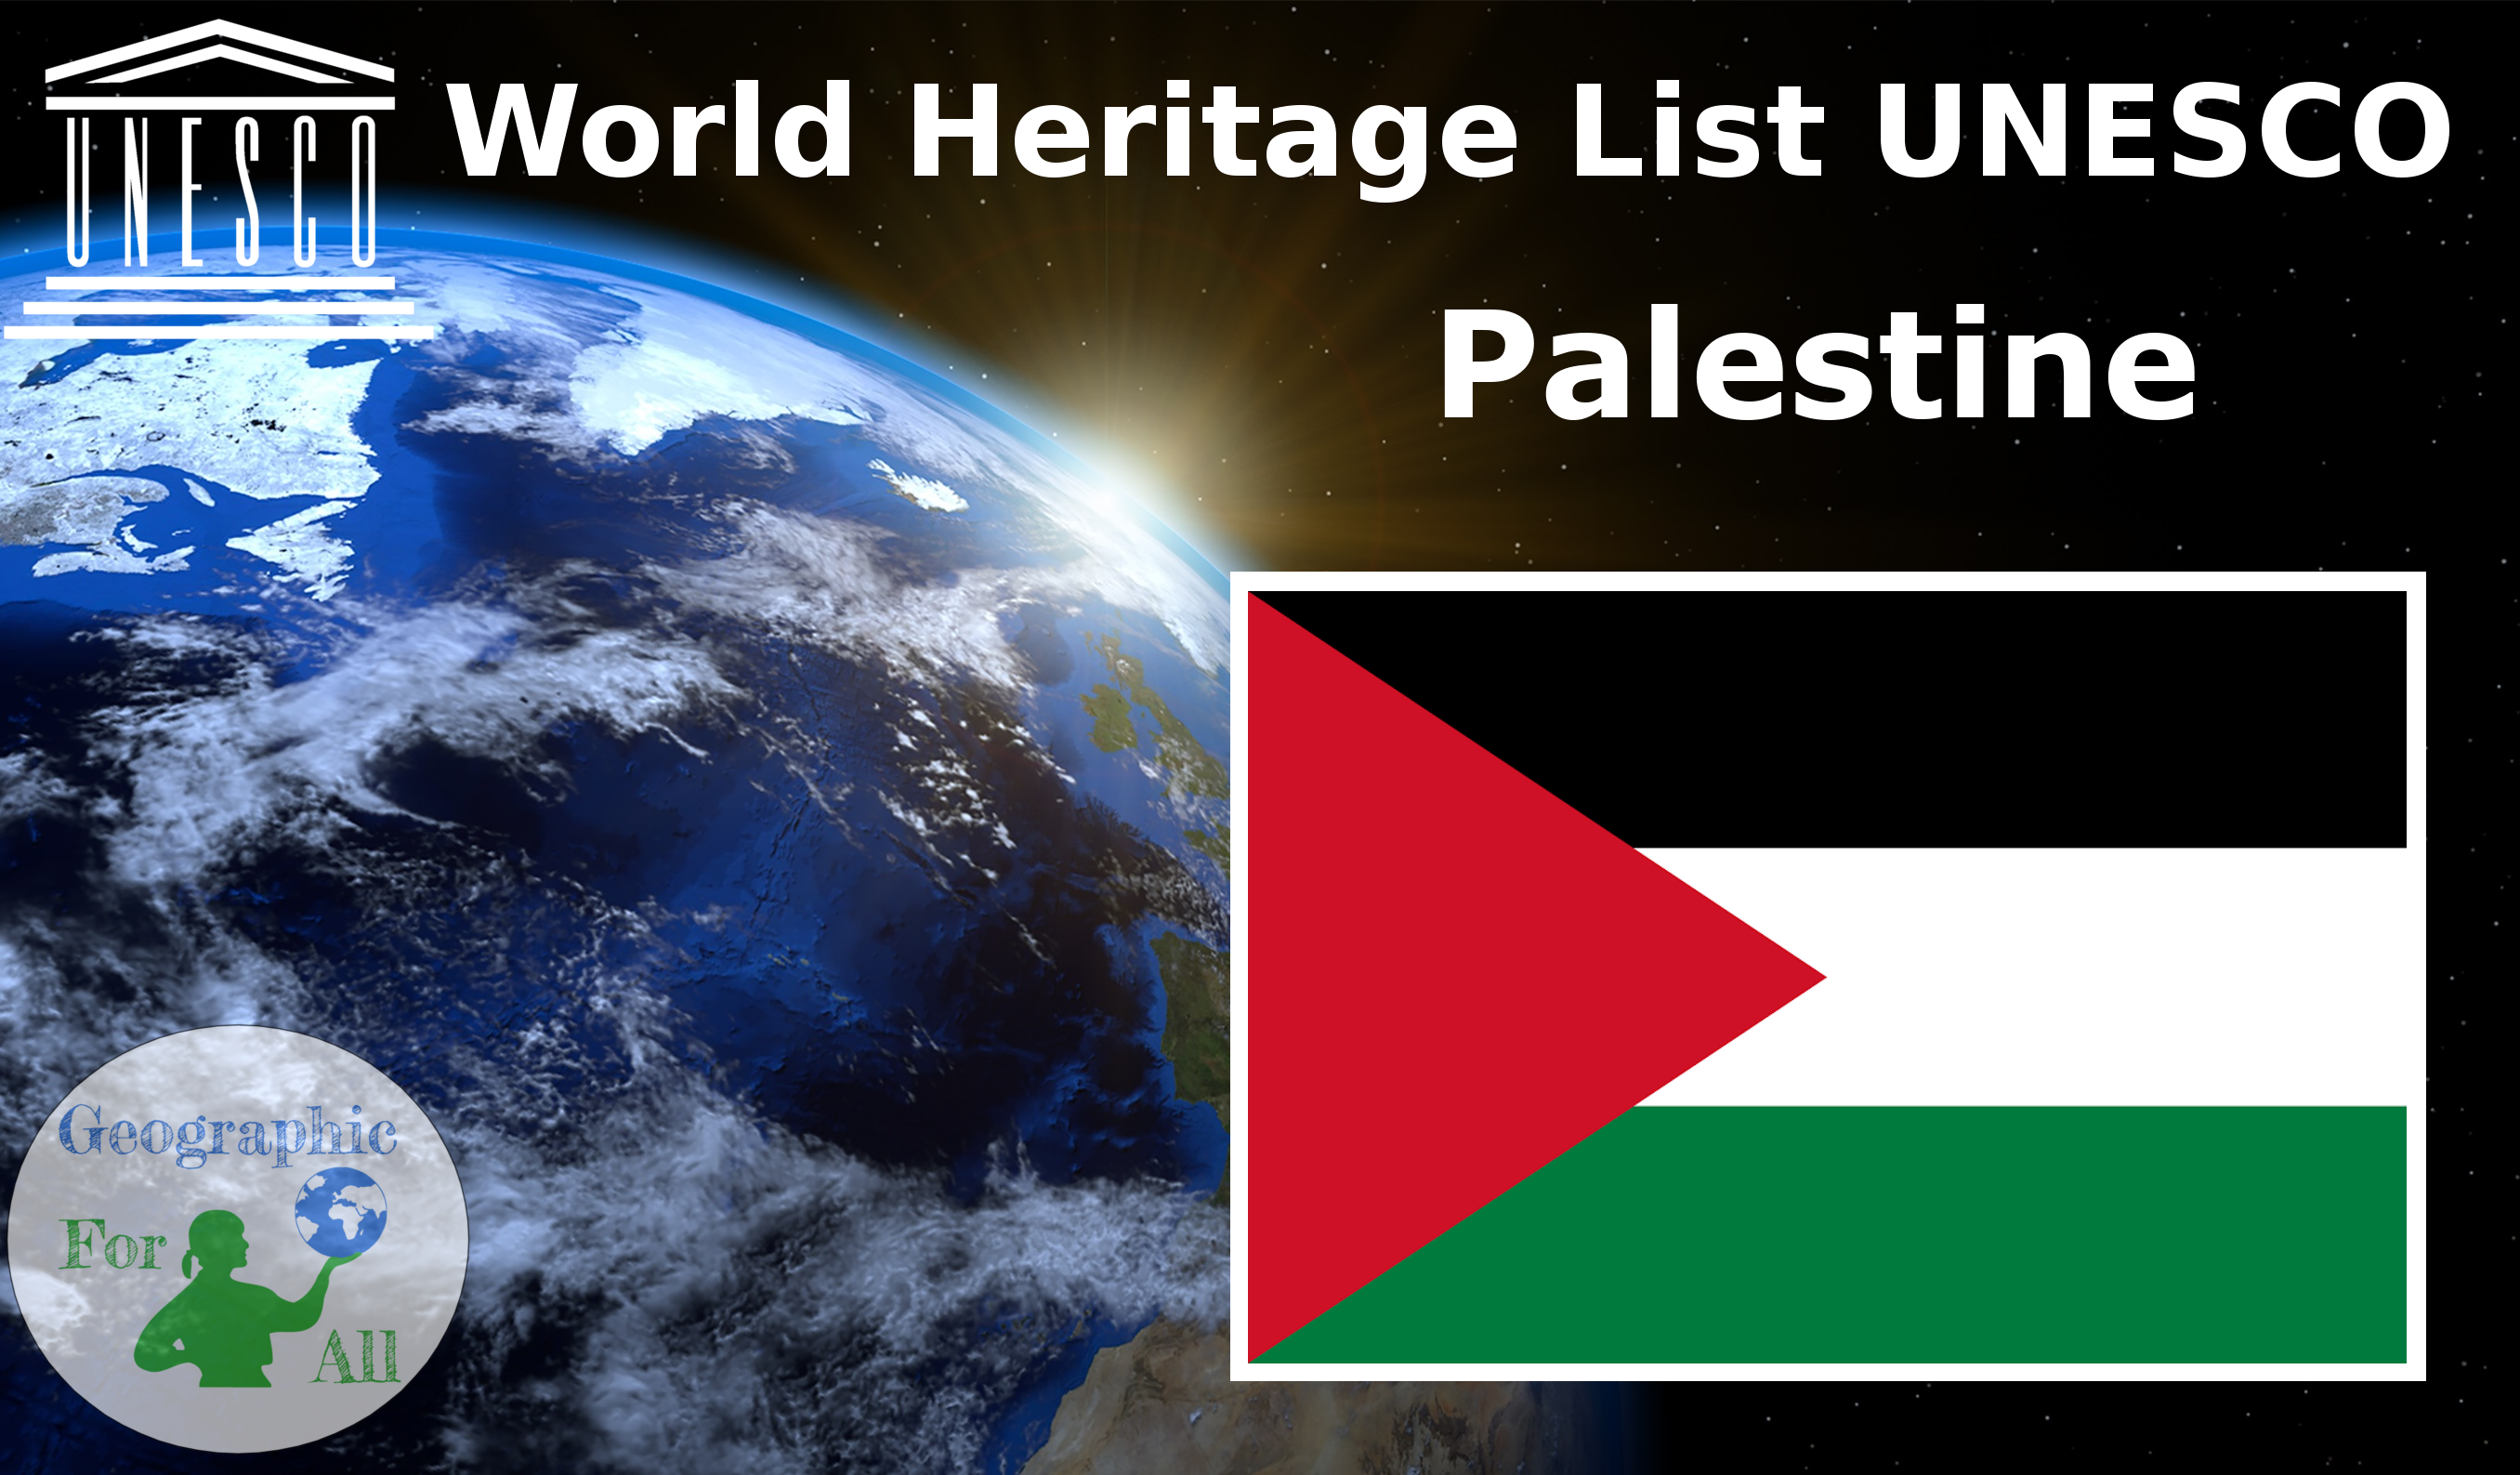 World Heritage List UNESCO - Palestine